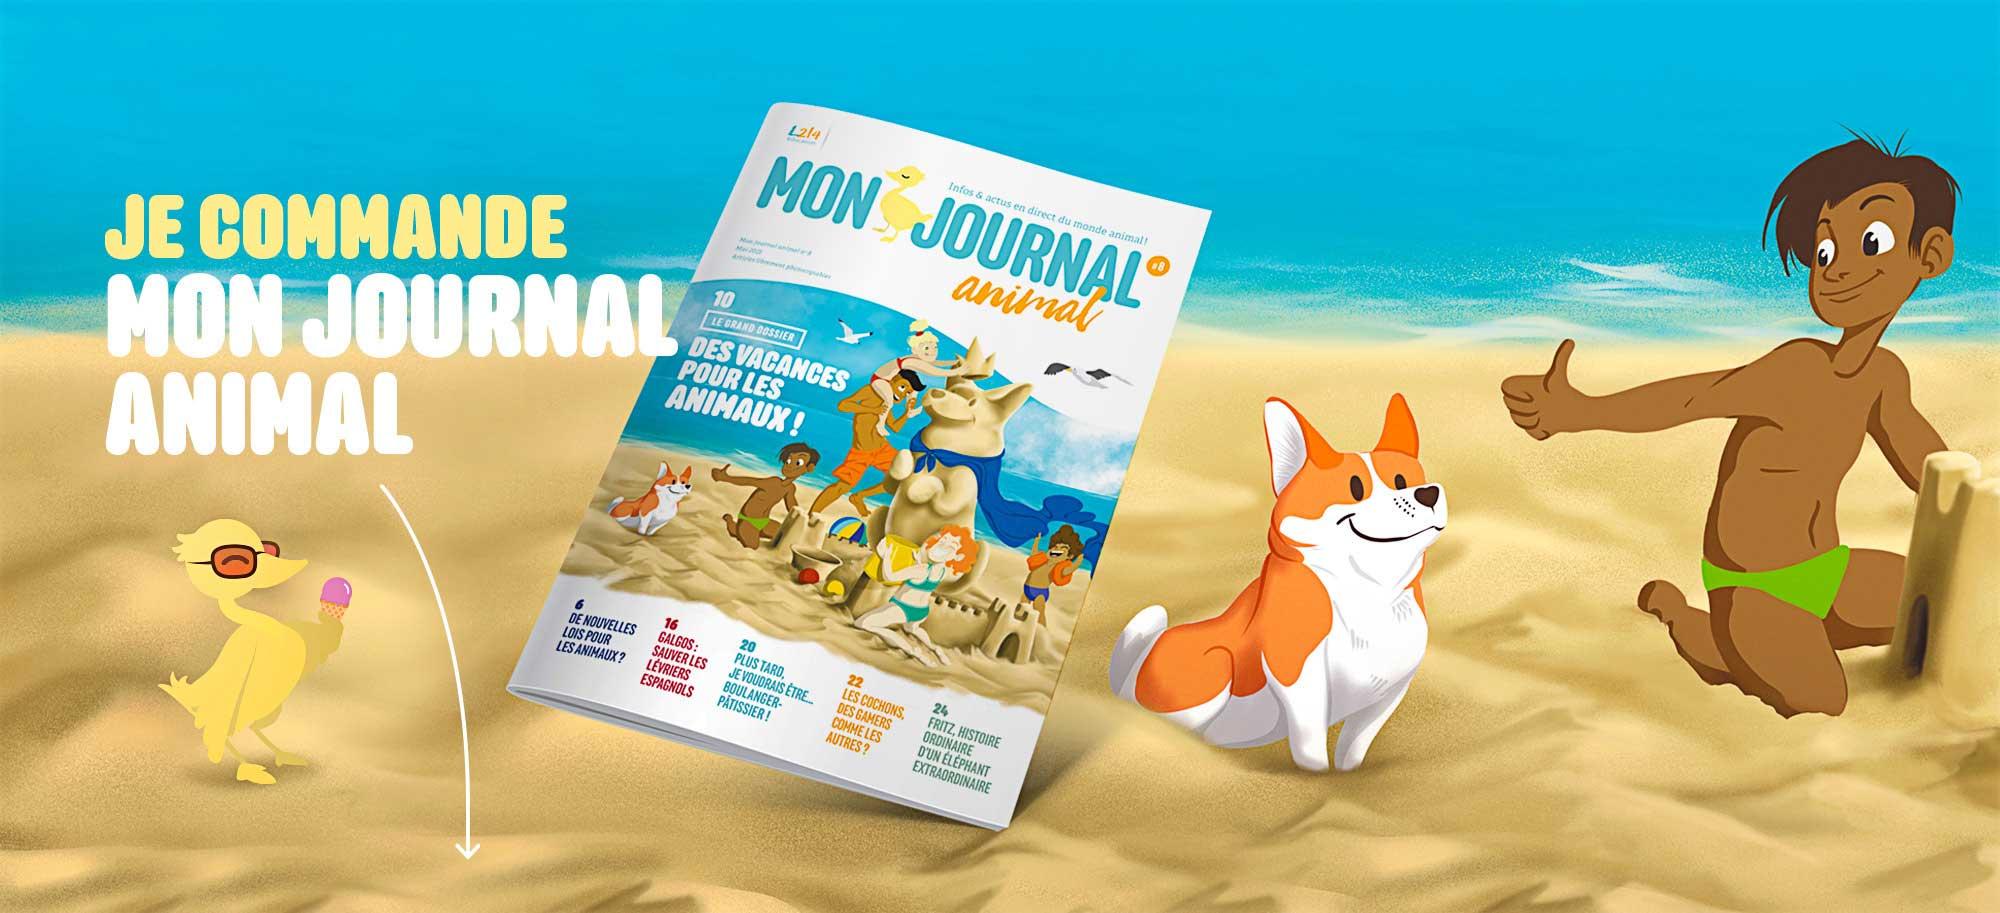 Mon journal animal abonnement magazine animaux jeunesse enfants numéro 8